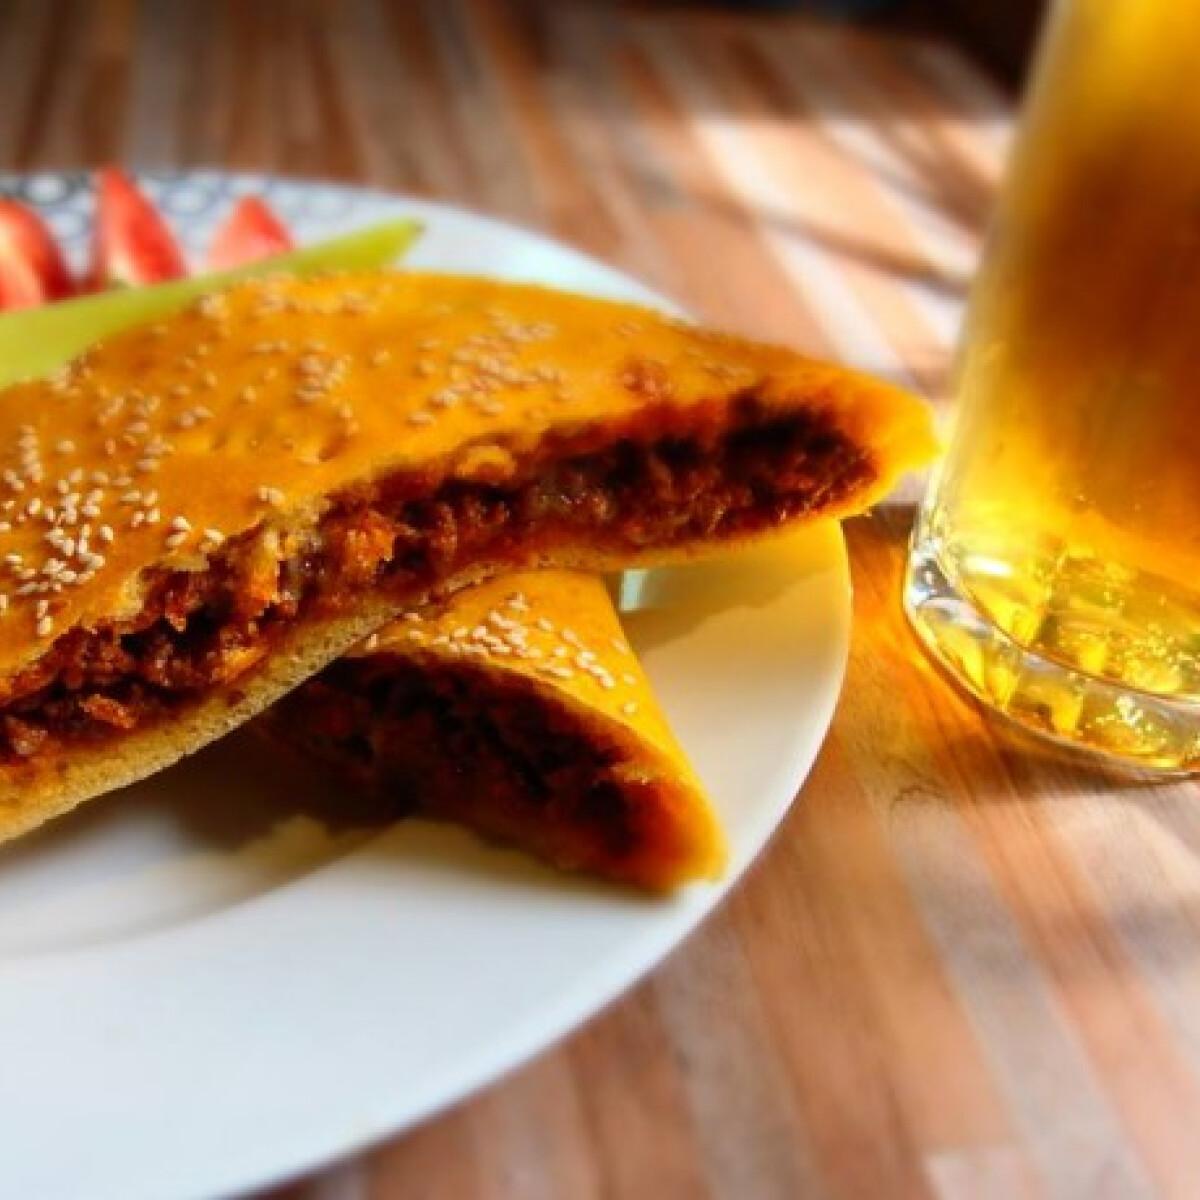 Ezen a képen: Bácskai pizza Paskó atya konyhájából